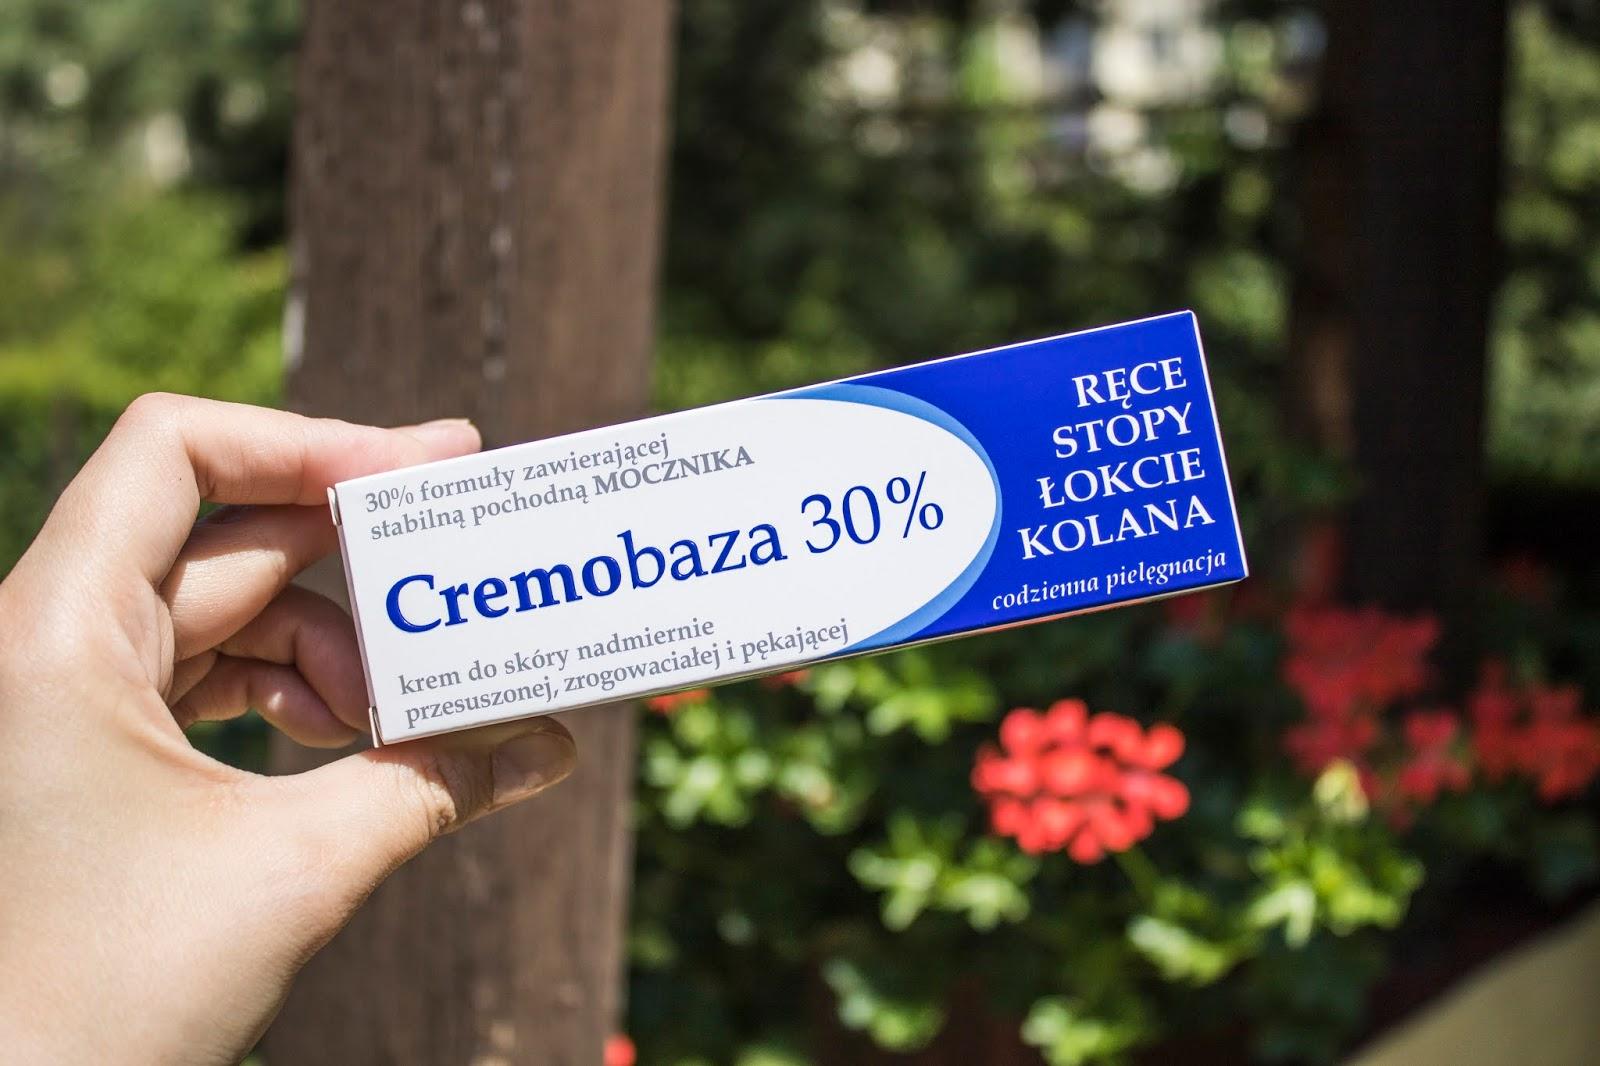 CREMOBAZA 30% - ratunek dla skóry nadmiernie przesuszonej, zrogowaciałej i pękającej